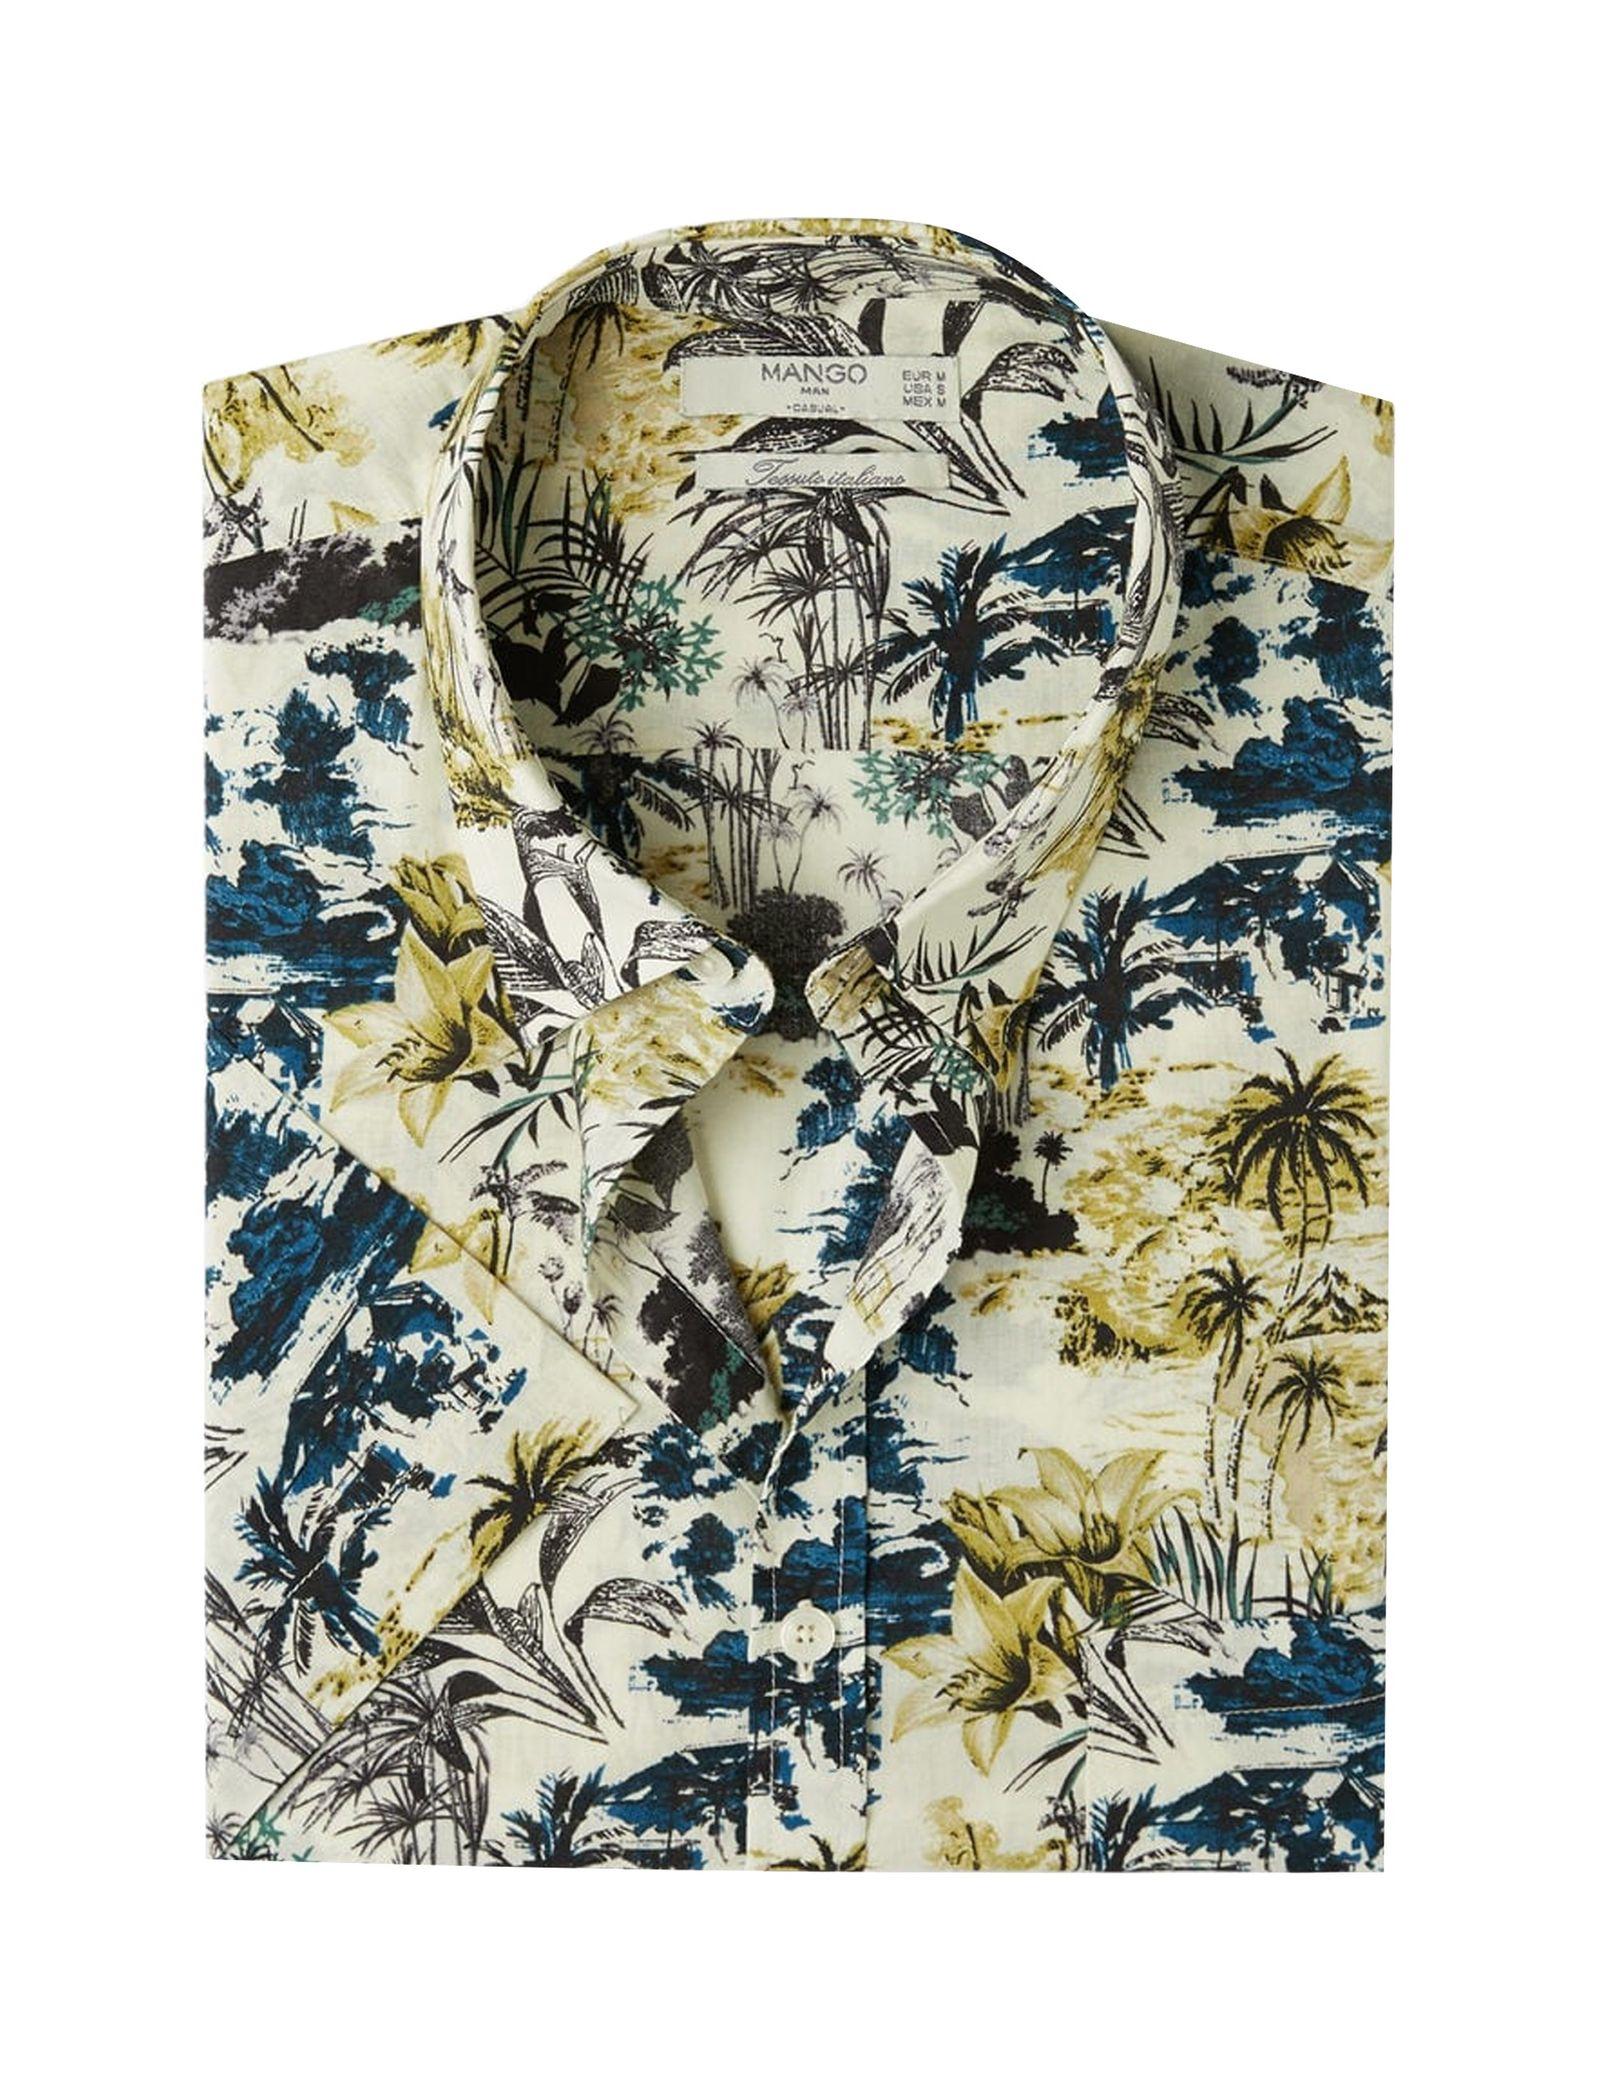 پیراهن نخی آستین کوتاه مردانه - مانگو - چند رنگ - 1